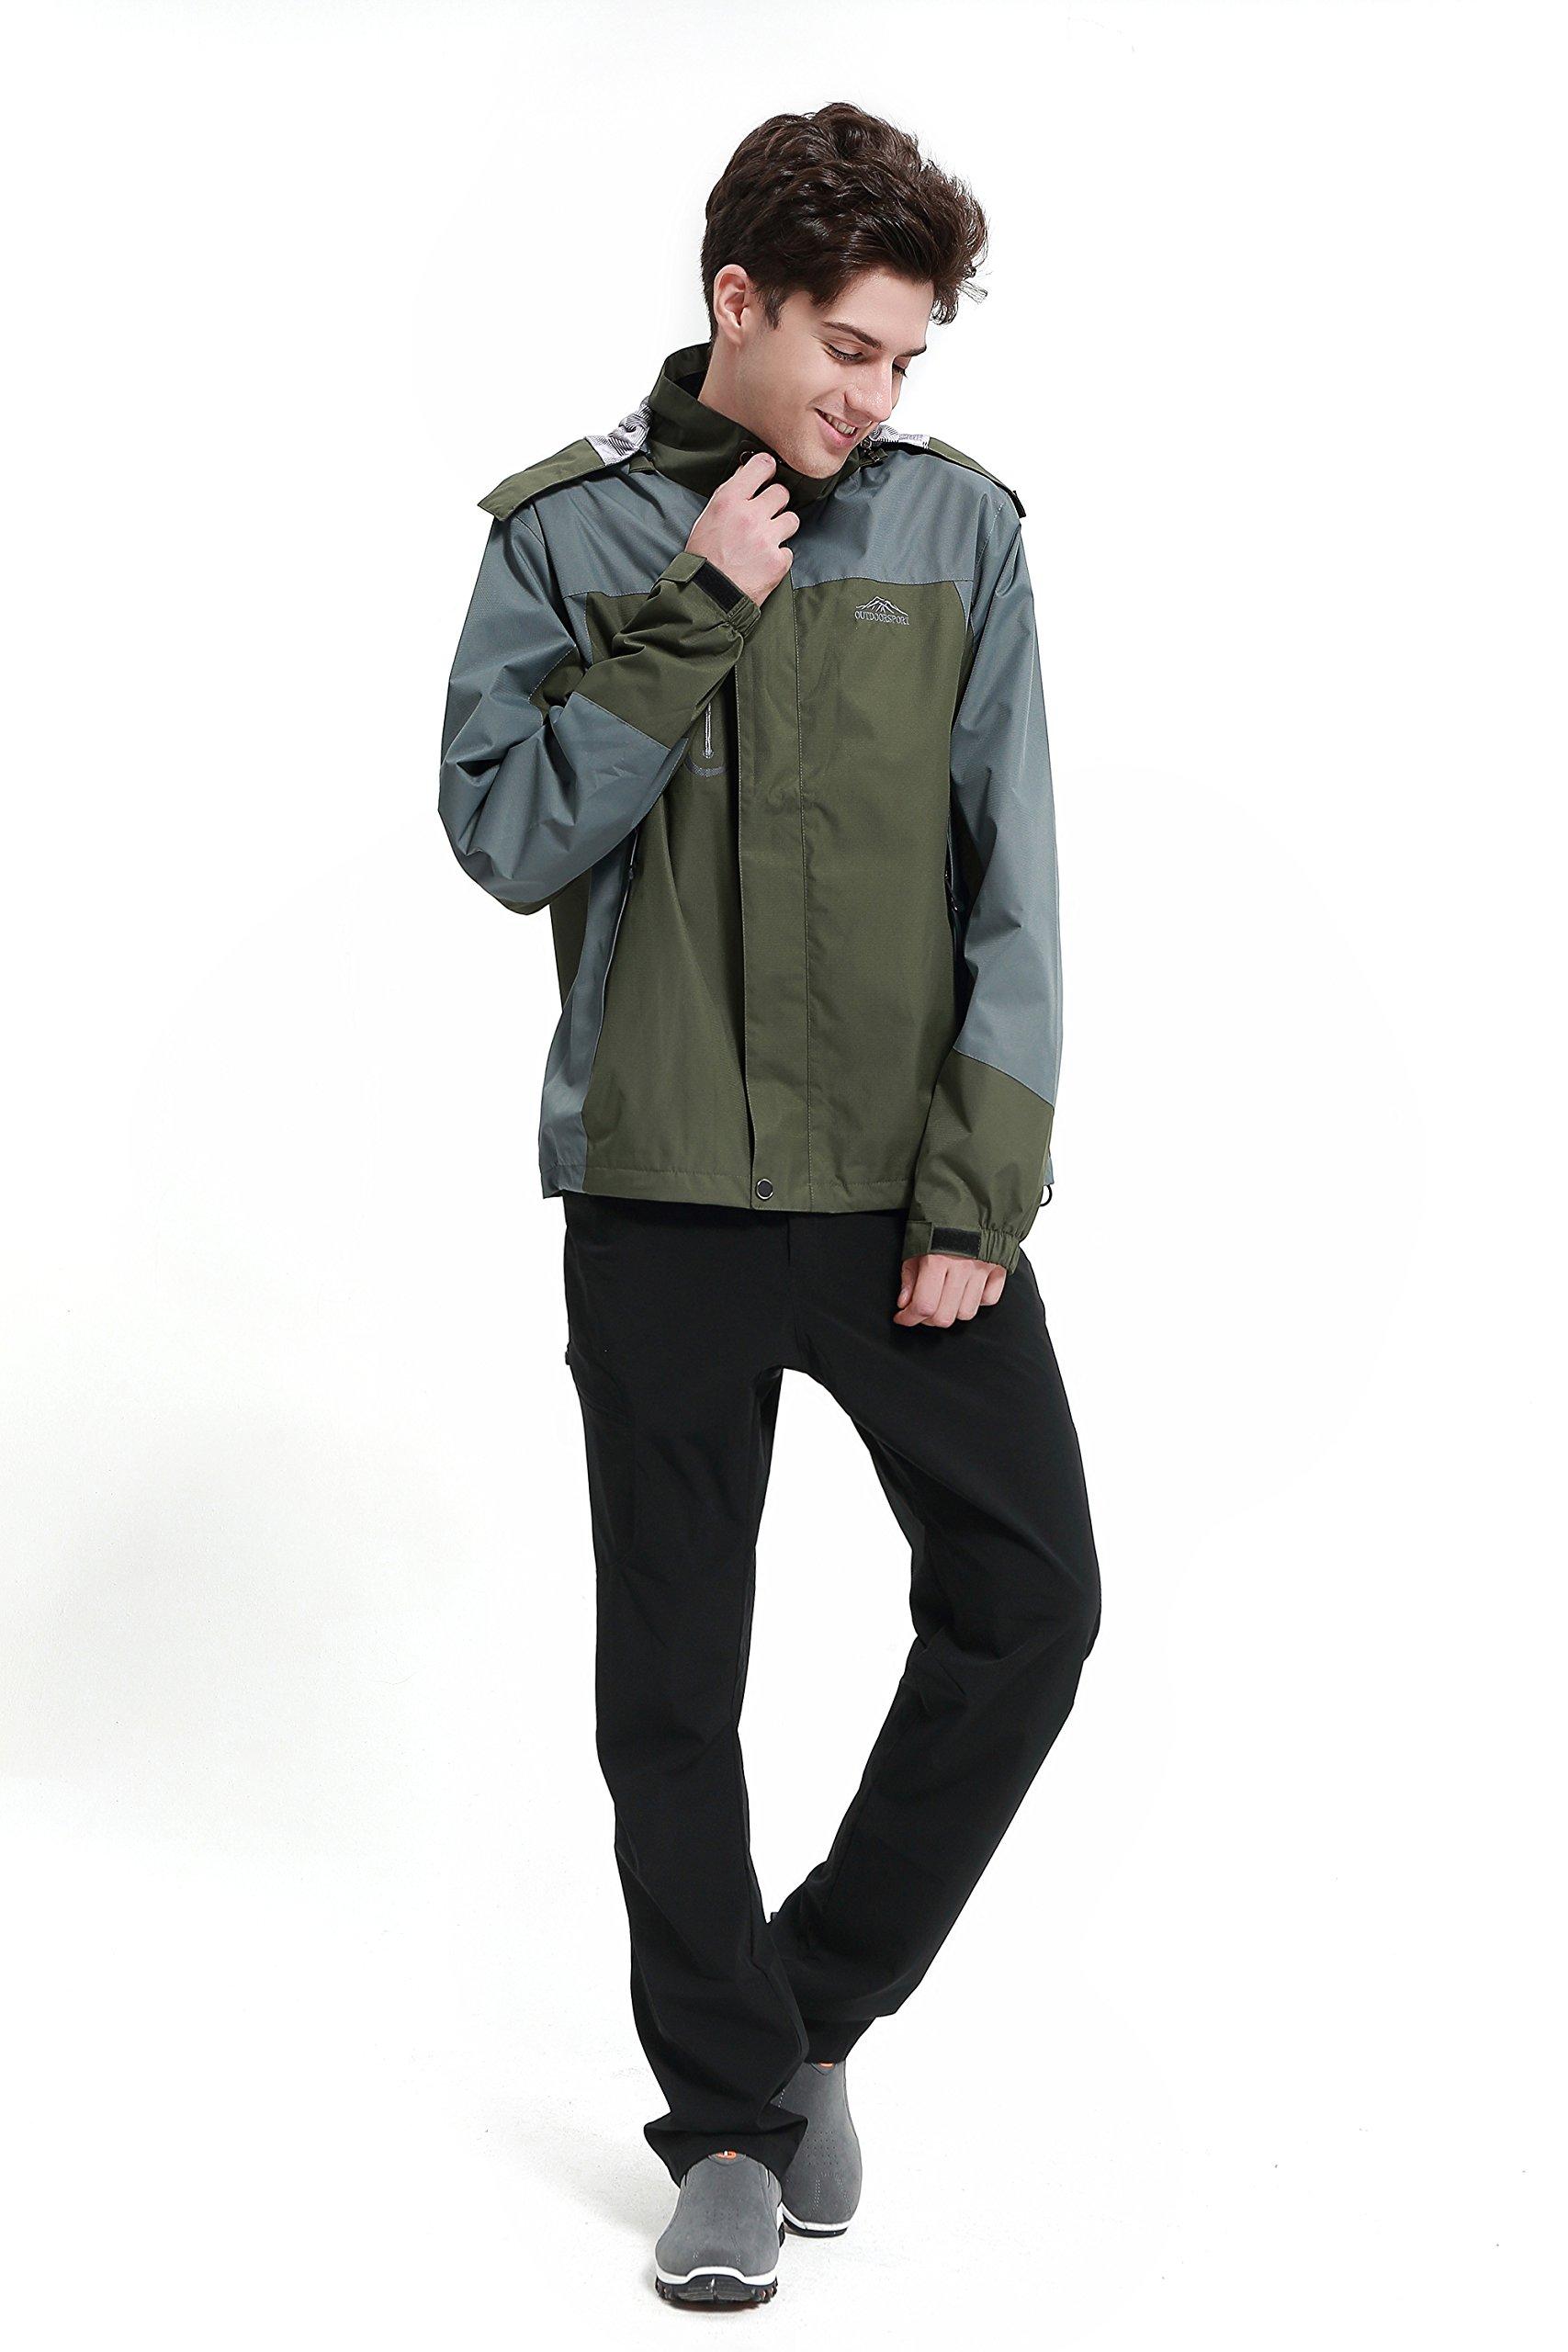 Diamond Candy men Sportswear Hooded Softshell Outdoor Raincoat Waterproof Jacket 02DGS